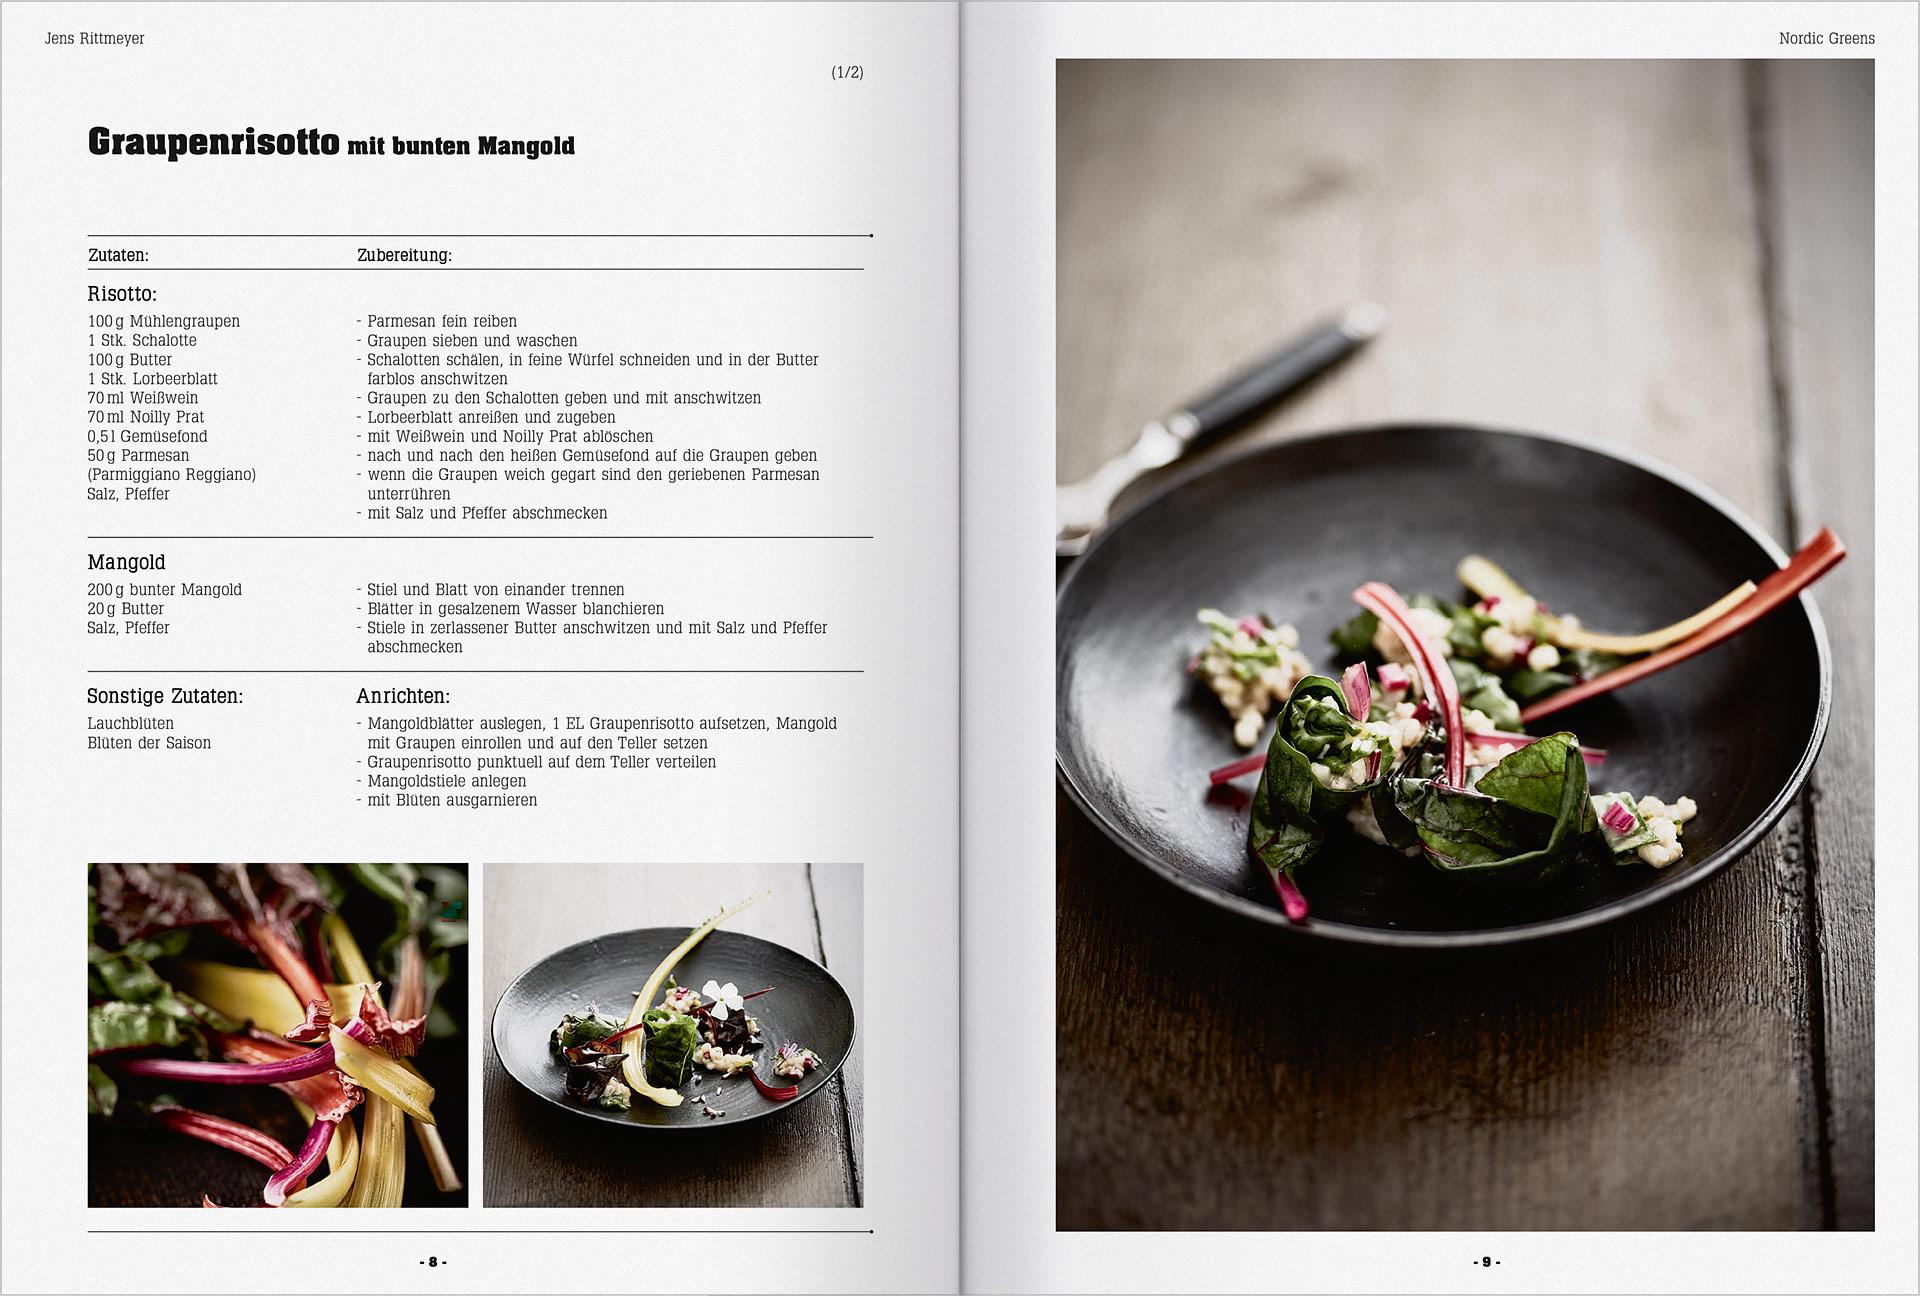 Druckerzeugnisse für die Gastronomie und Hotellerie 17a